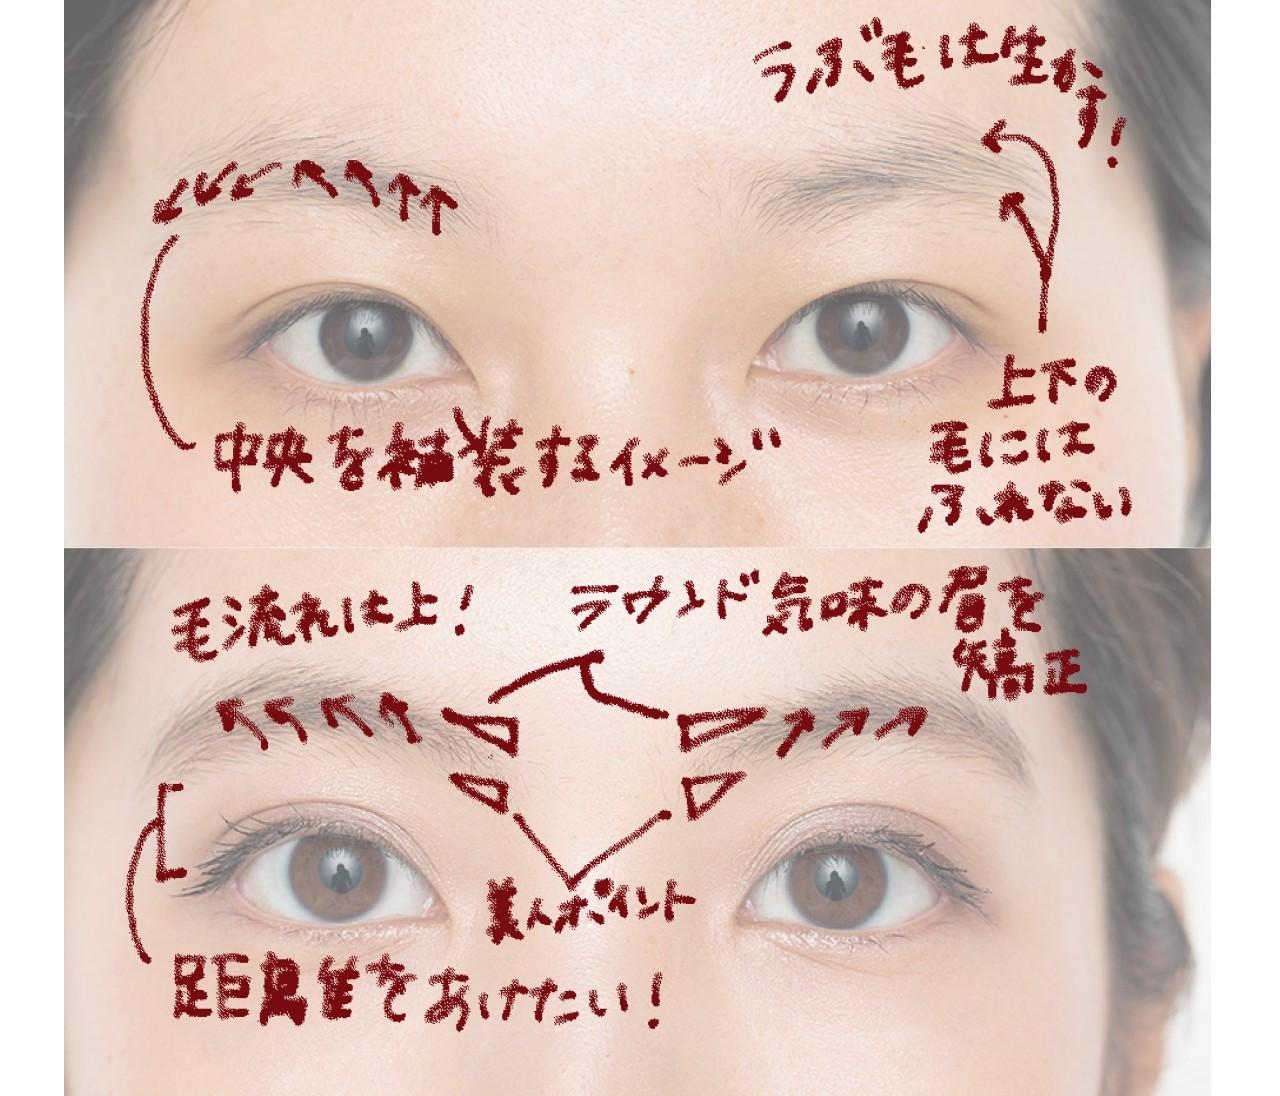 「毛がありすぎて困ってる」人の眉毛の整え方【長井かおりさんの赤ペン眉講座】